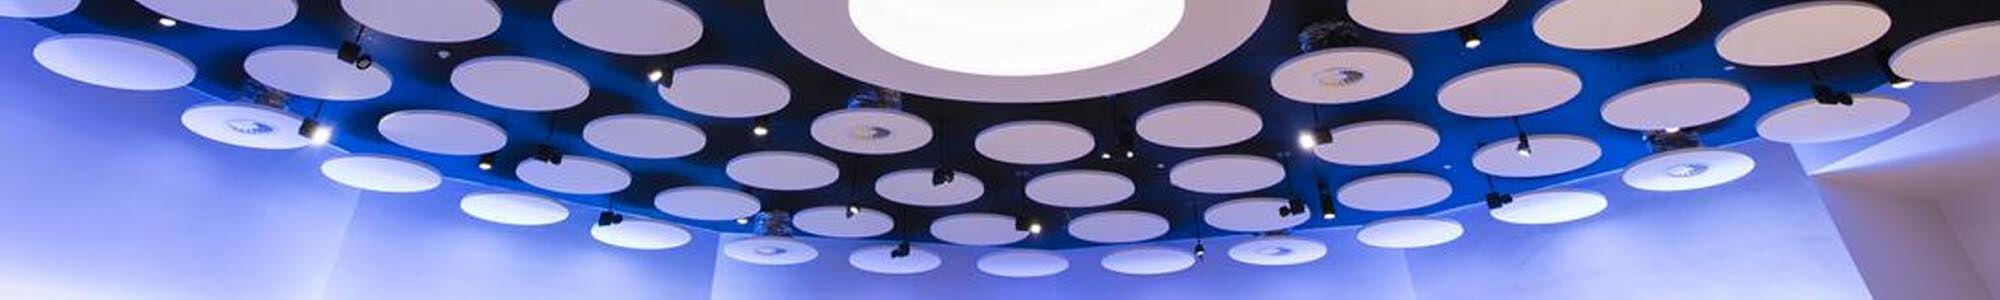 Plafondeilanden - Vrijhangde panelen